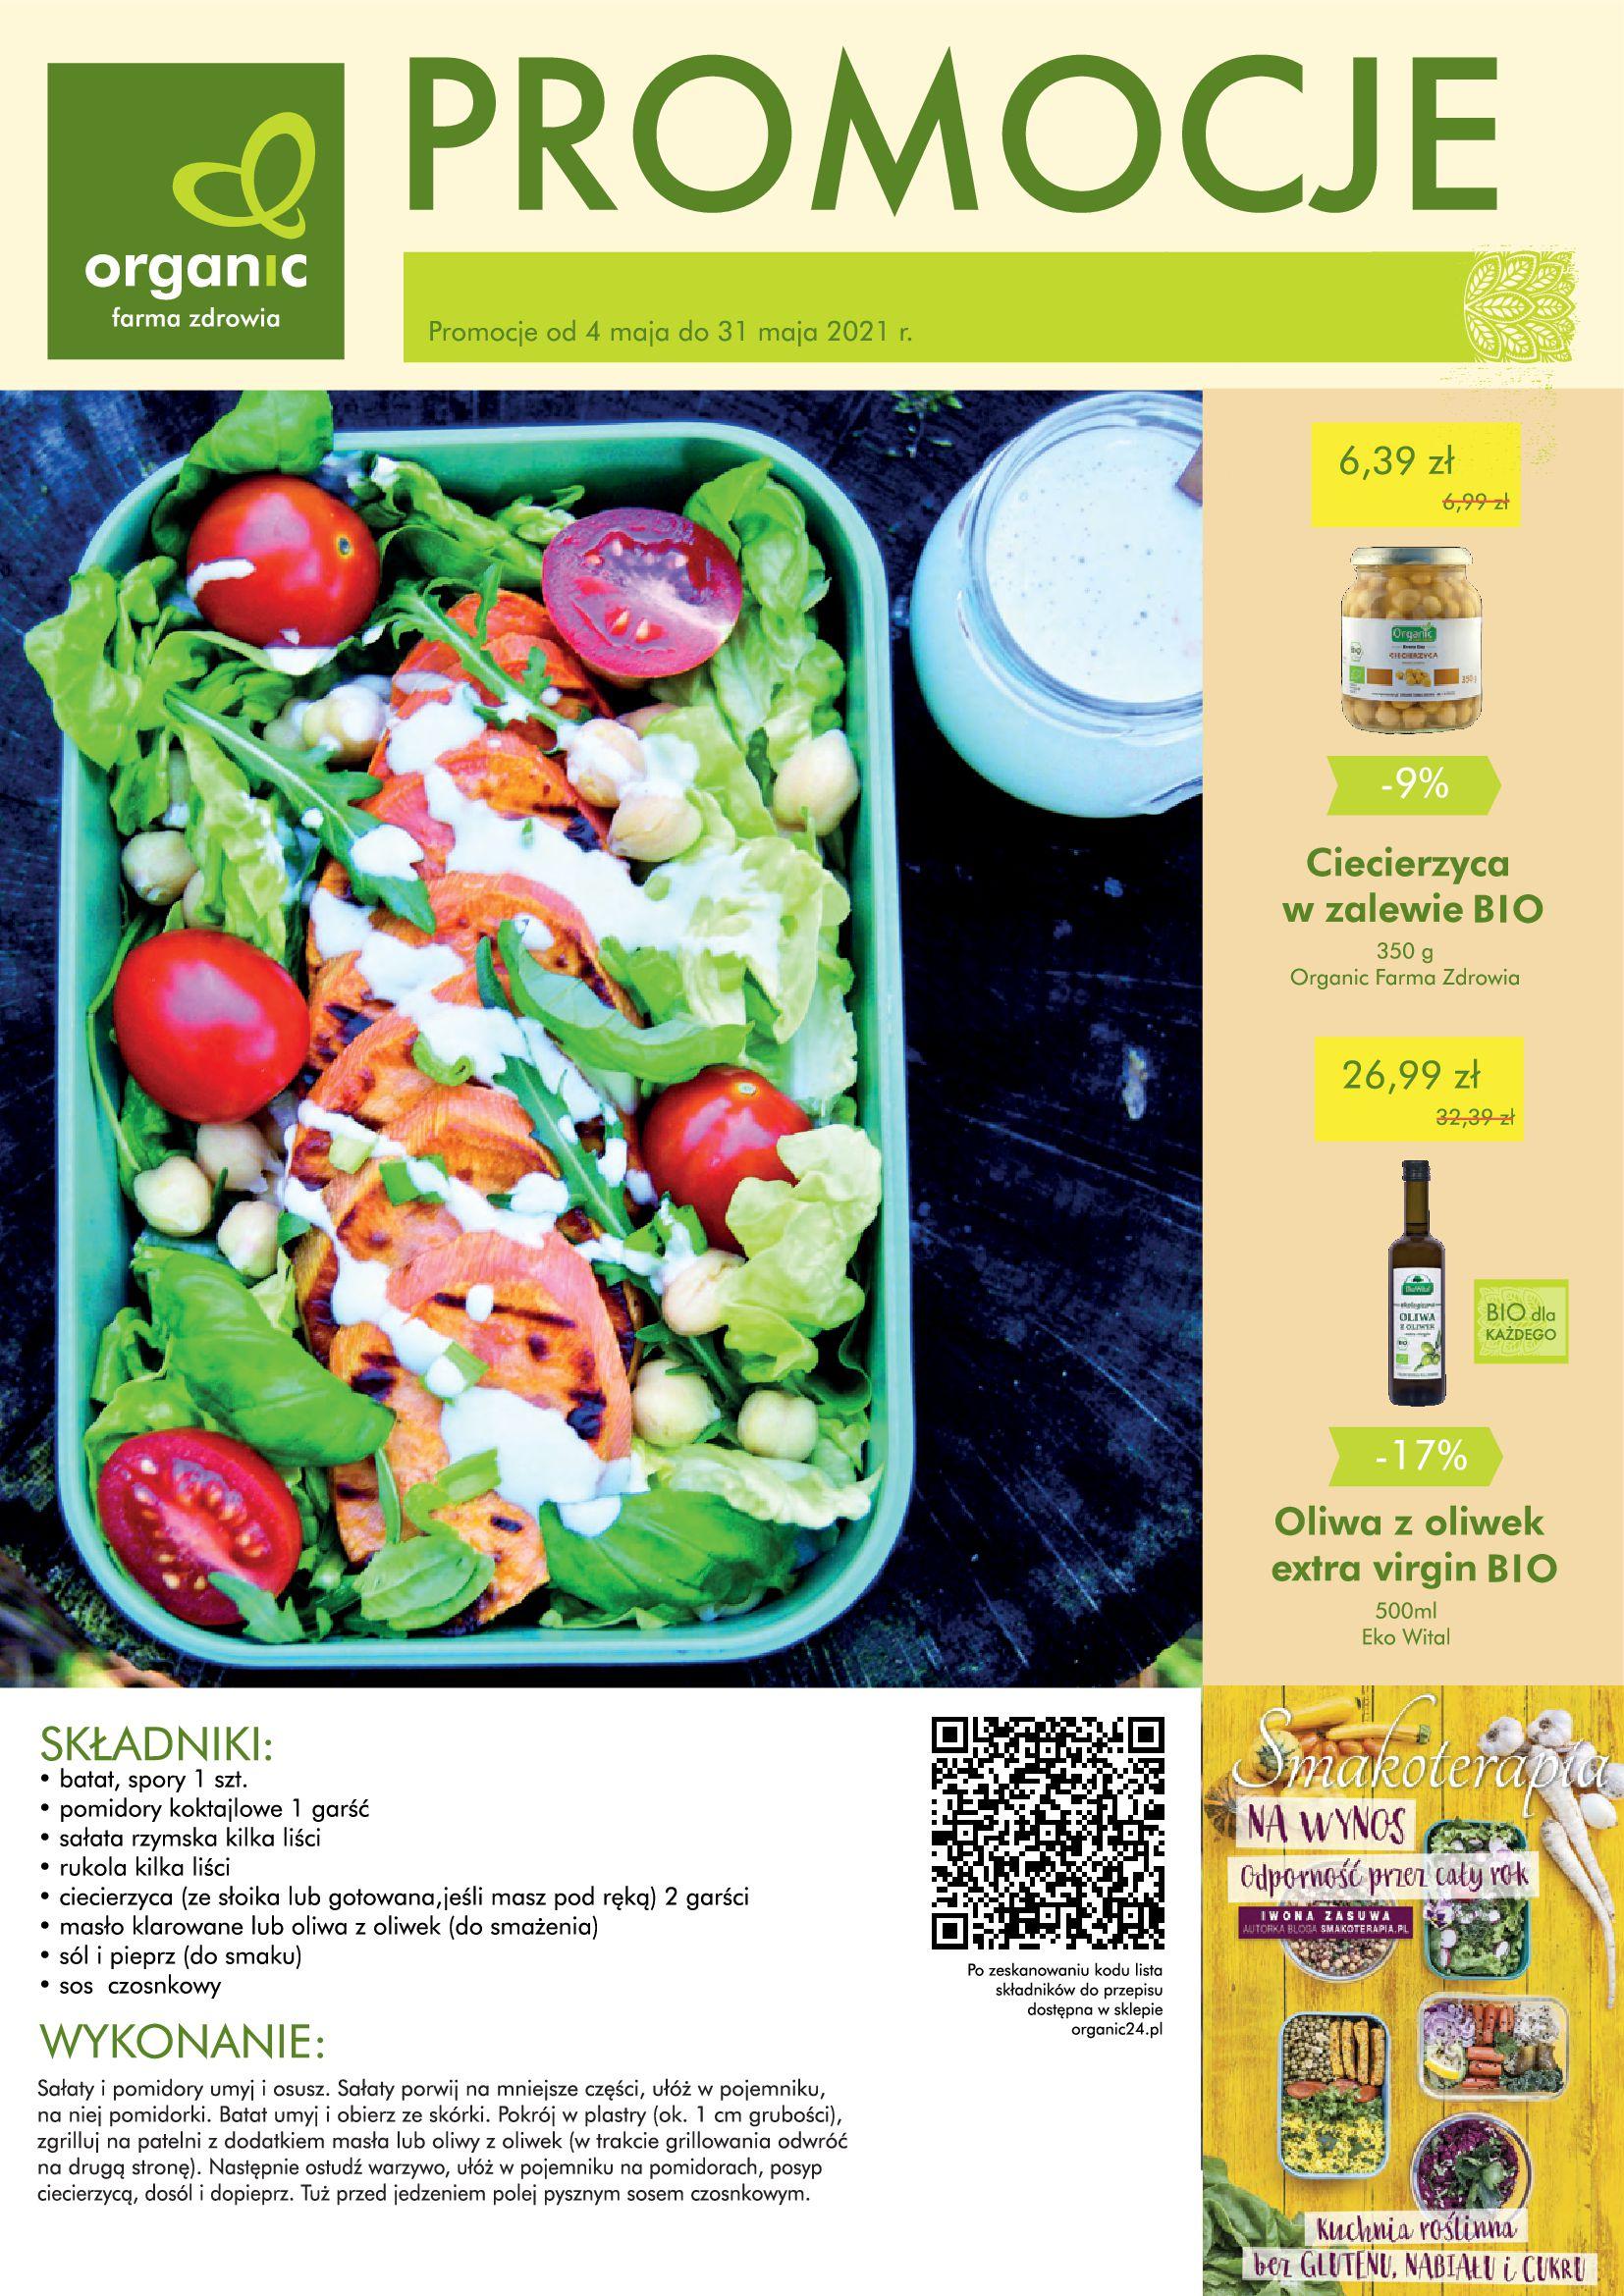 Organic Farma Zdrowia:  Gazetka Organic Farma Zdrowia 03.05.2021